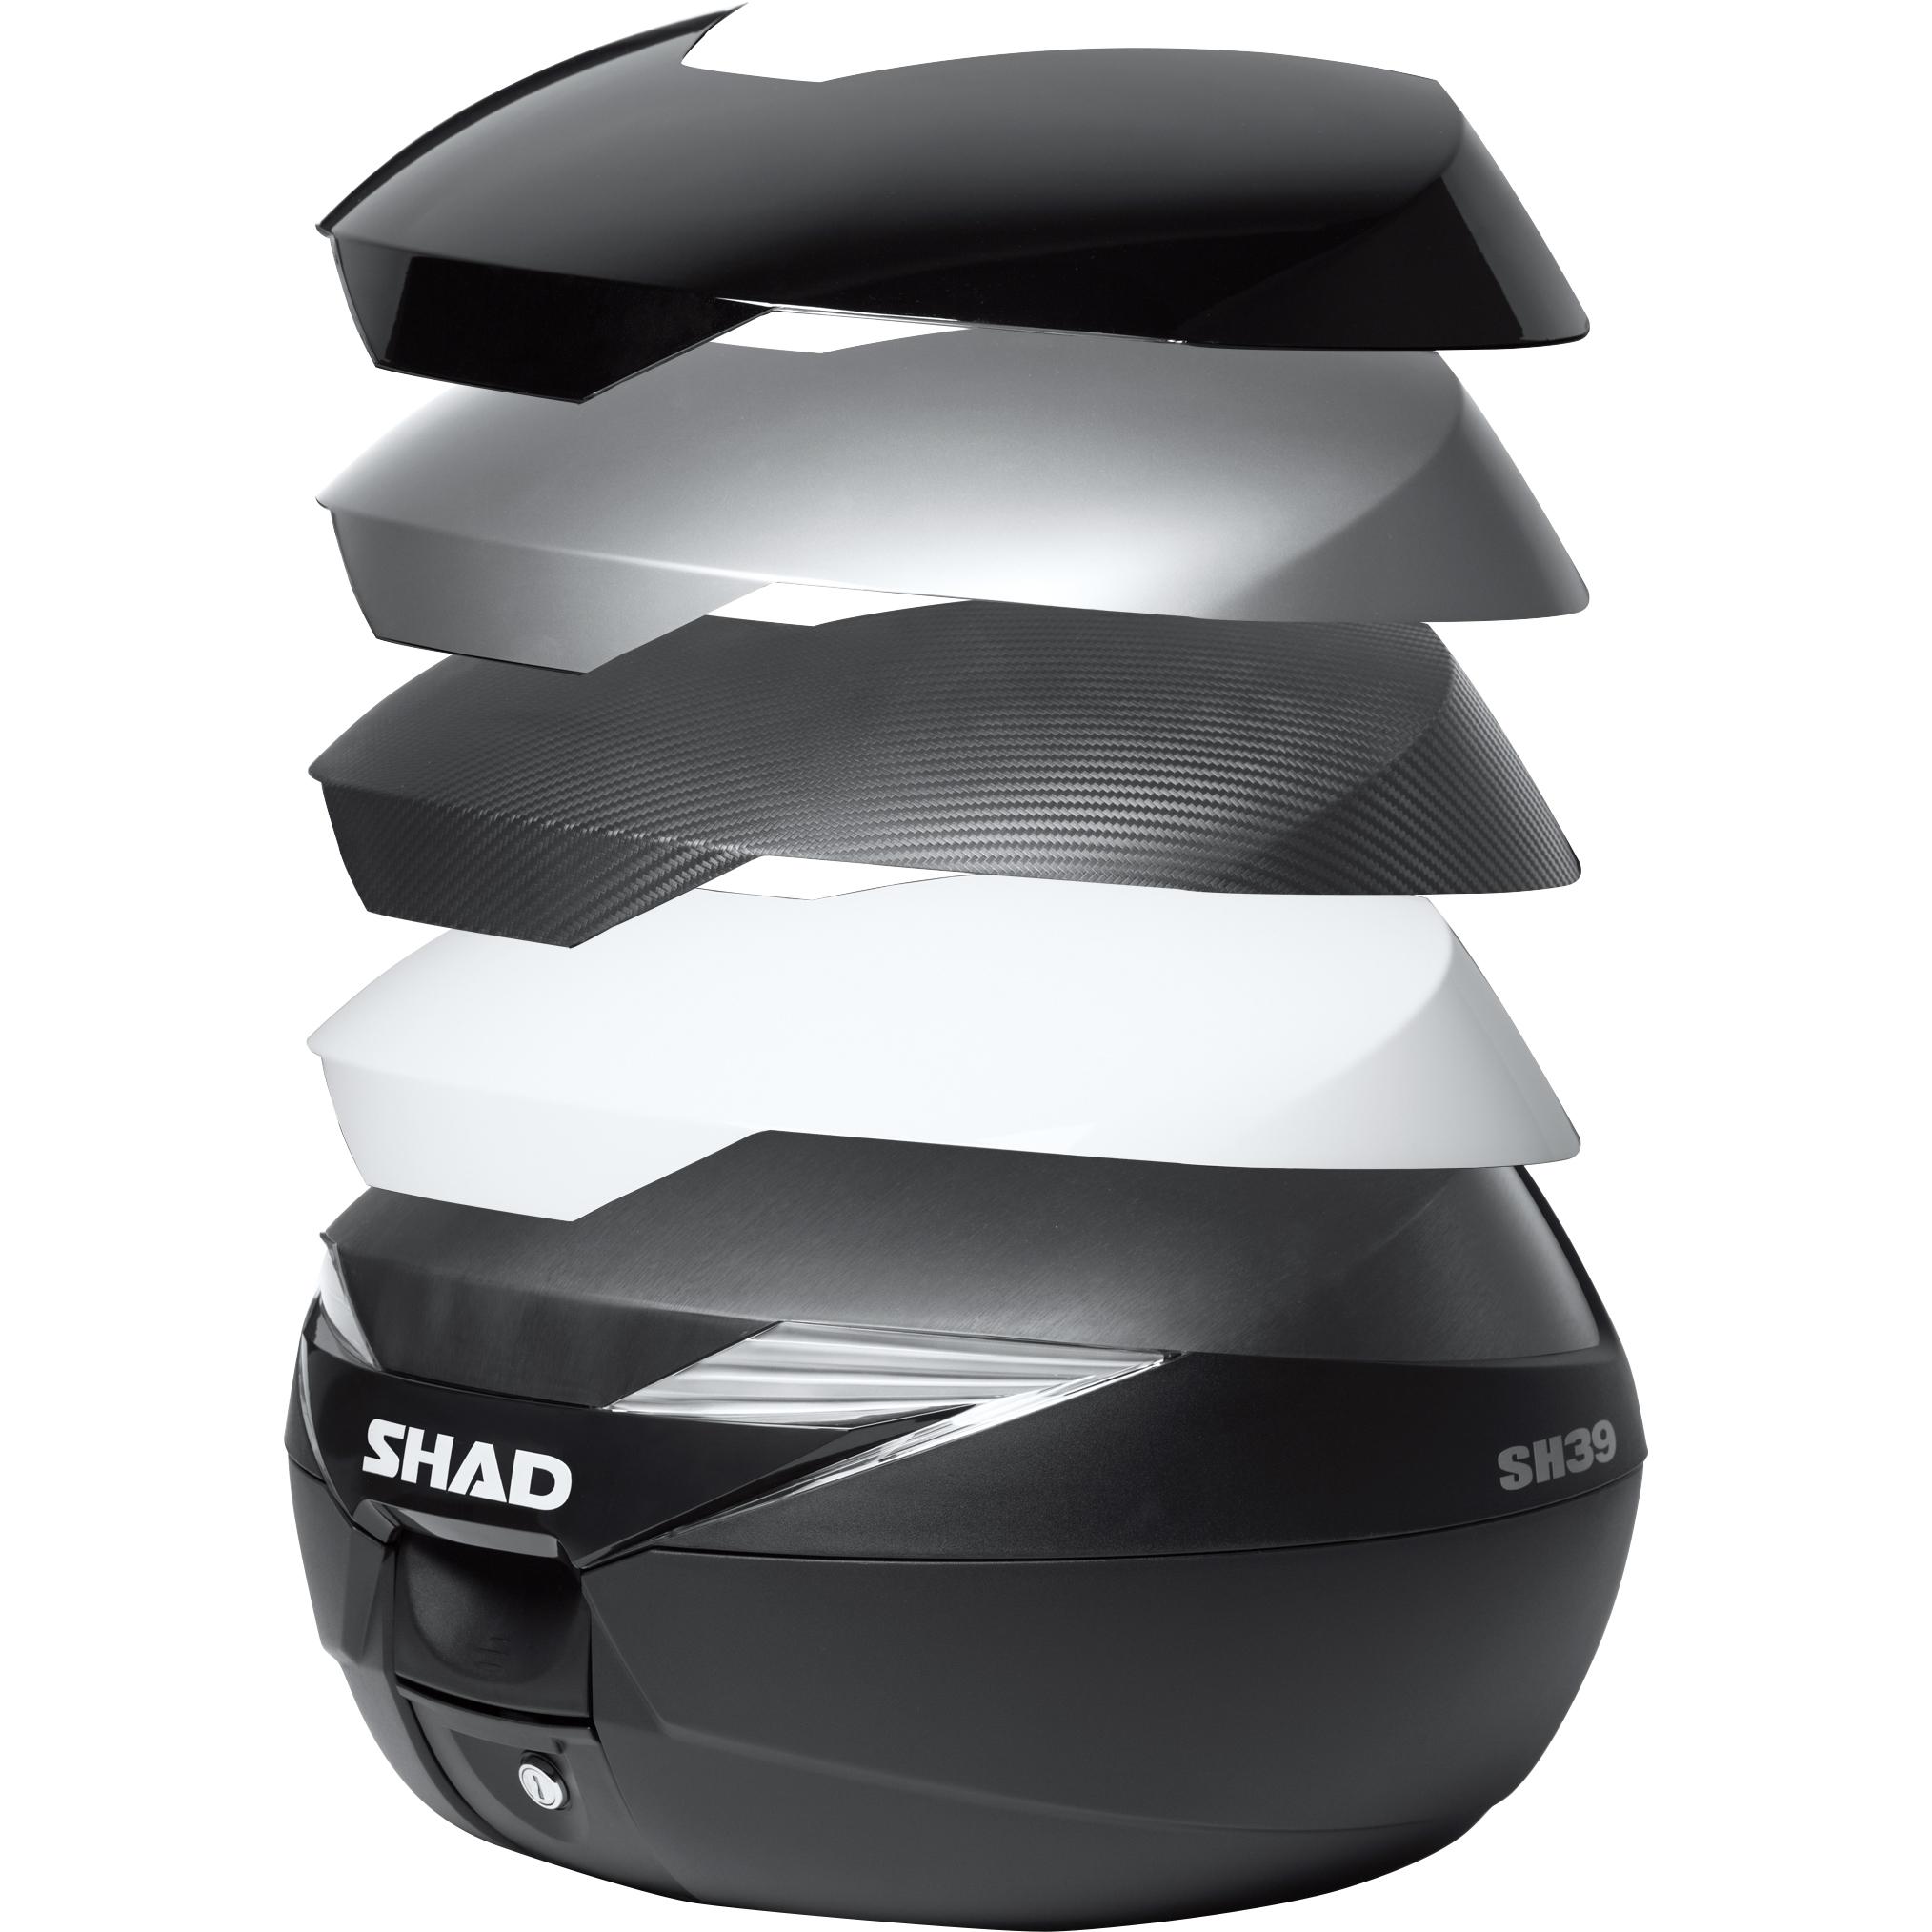 Shad Deckelcover für SH39 Topcase unlackiert 70210200163